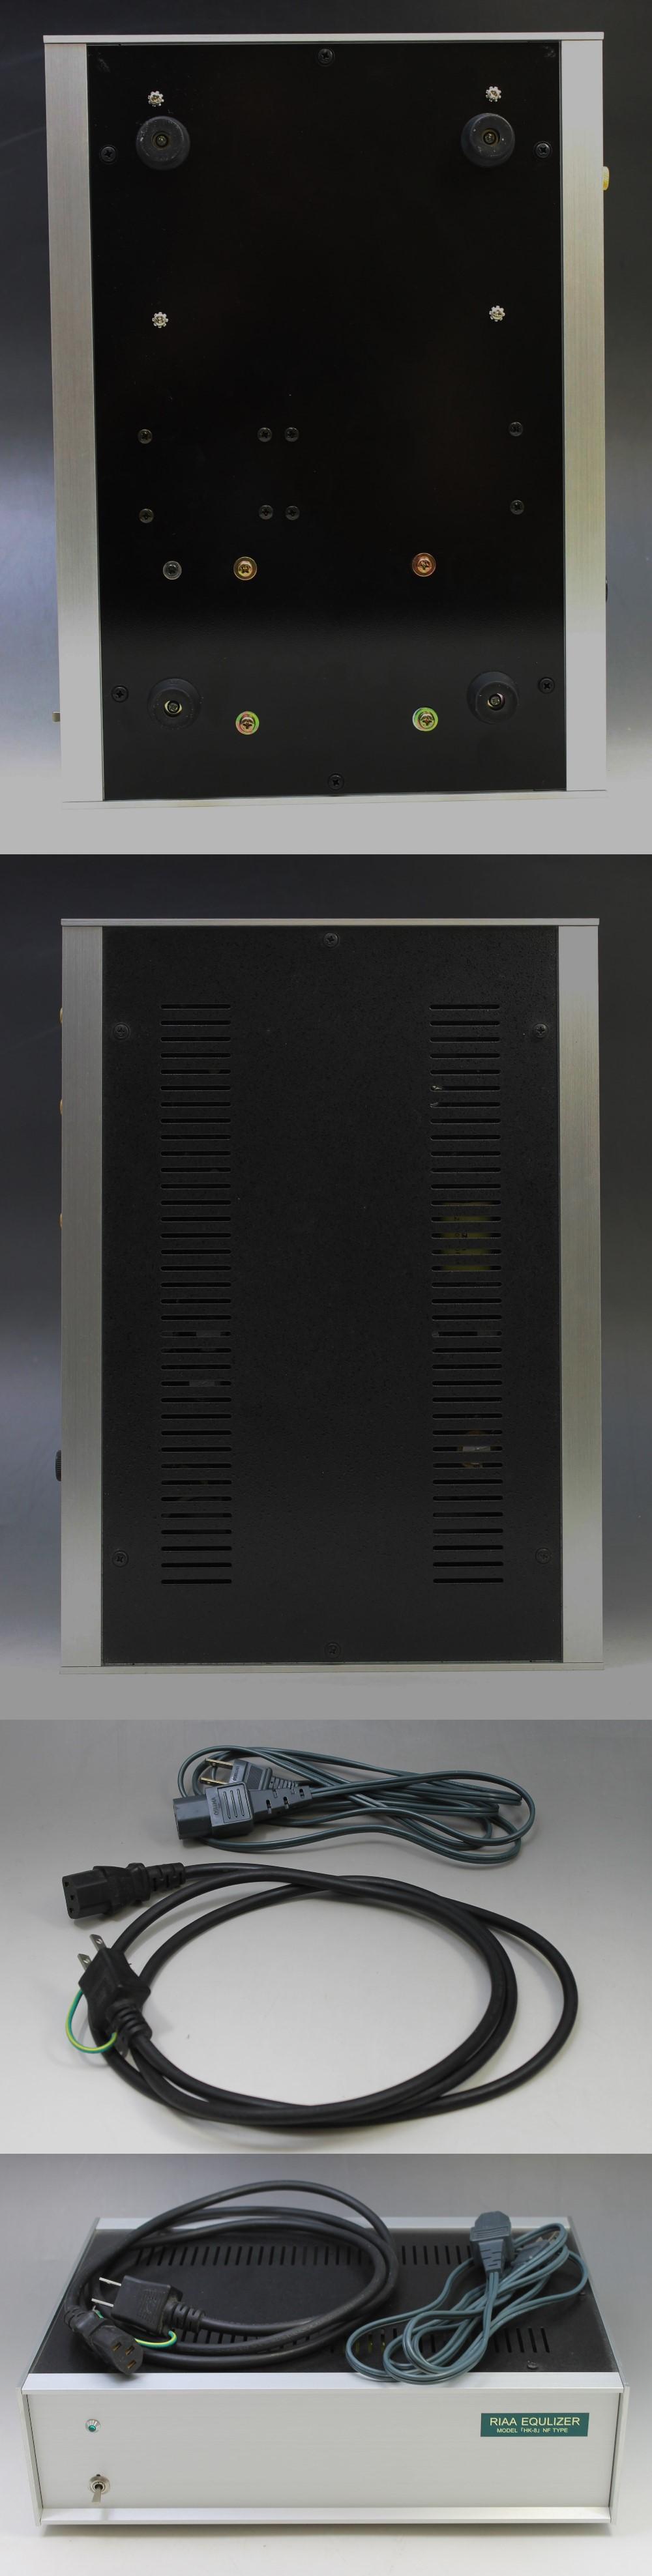 118HK-8イコライザー3